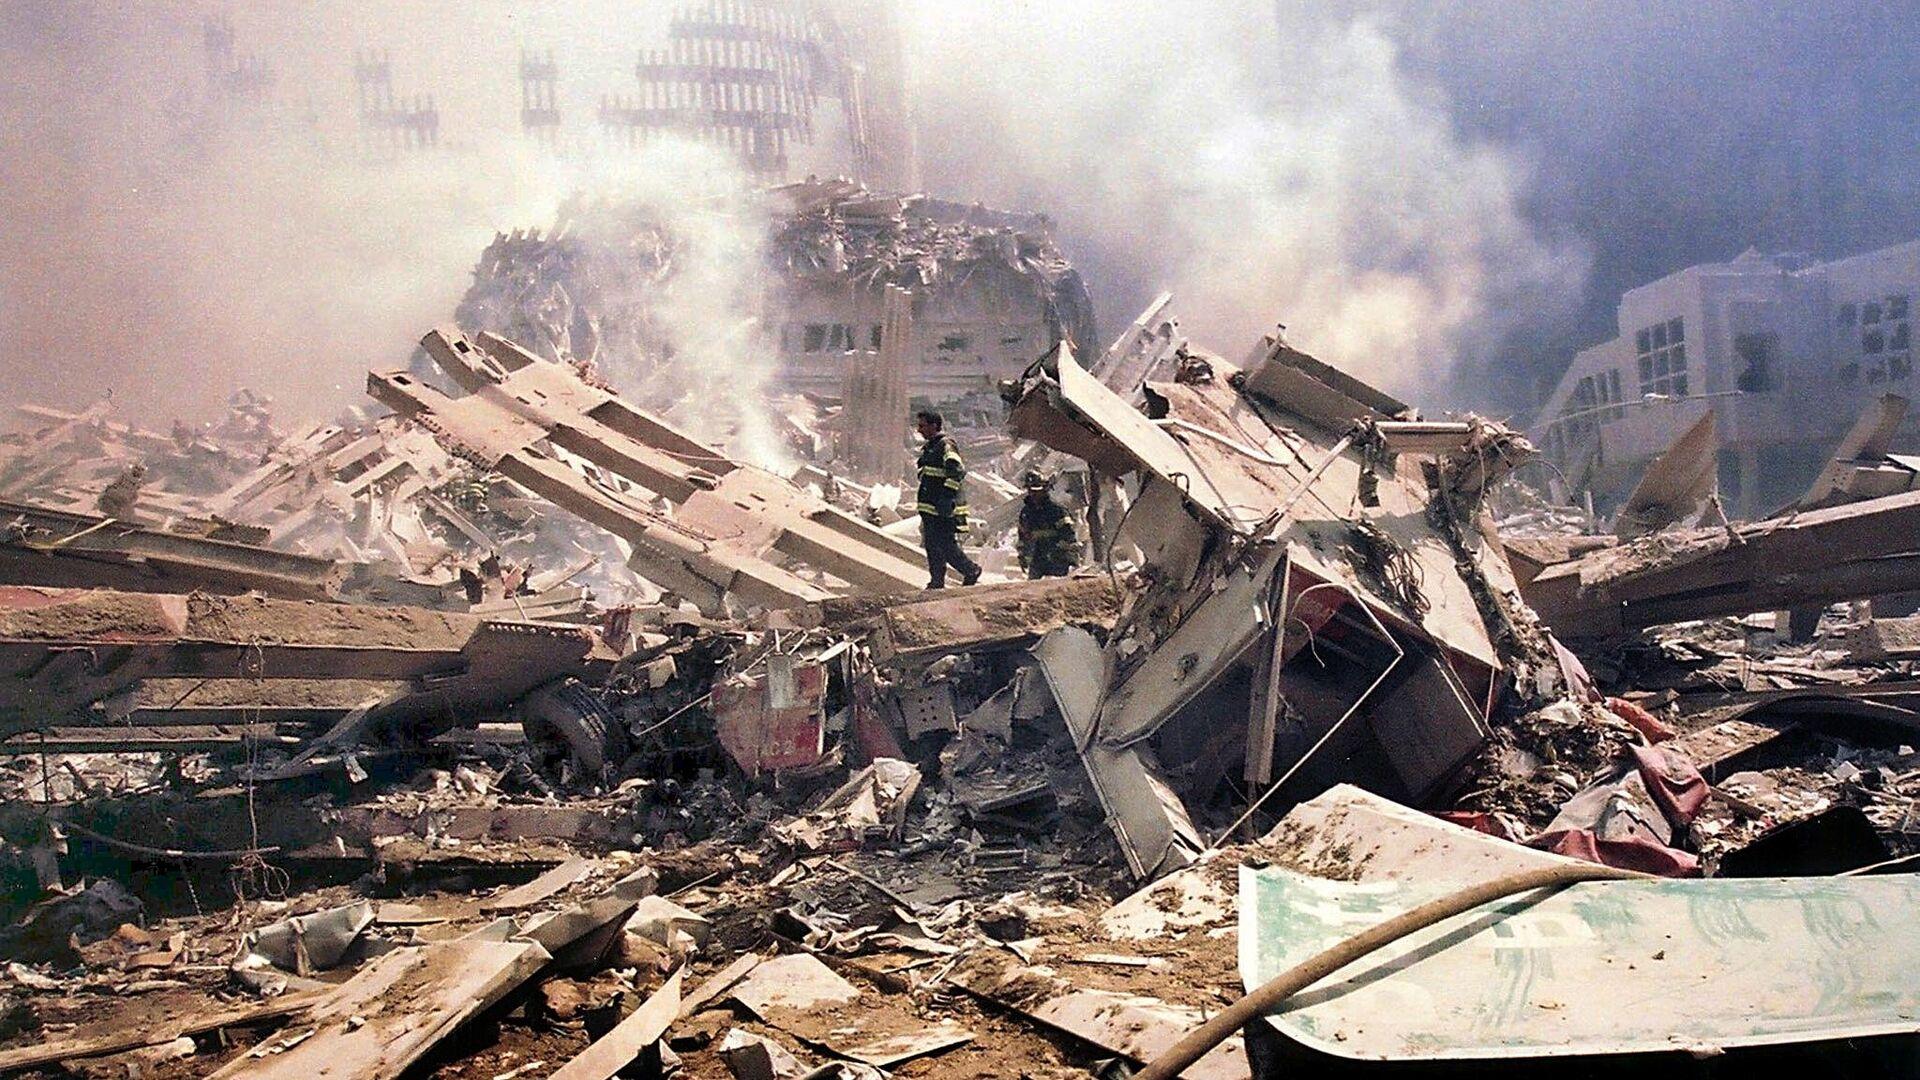 Обломки башни Всемирного торгового центра после теракта 11 сентября 2001 года в Нью-Йорке - РИА Новости, 1920, 03.09.2021